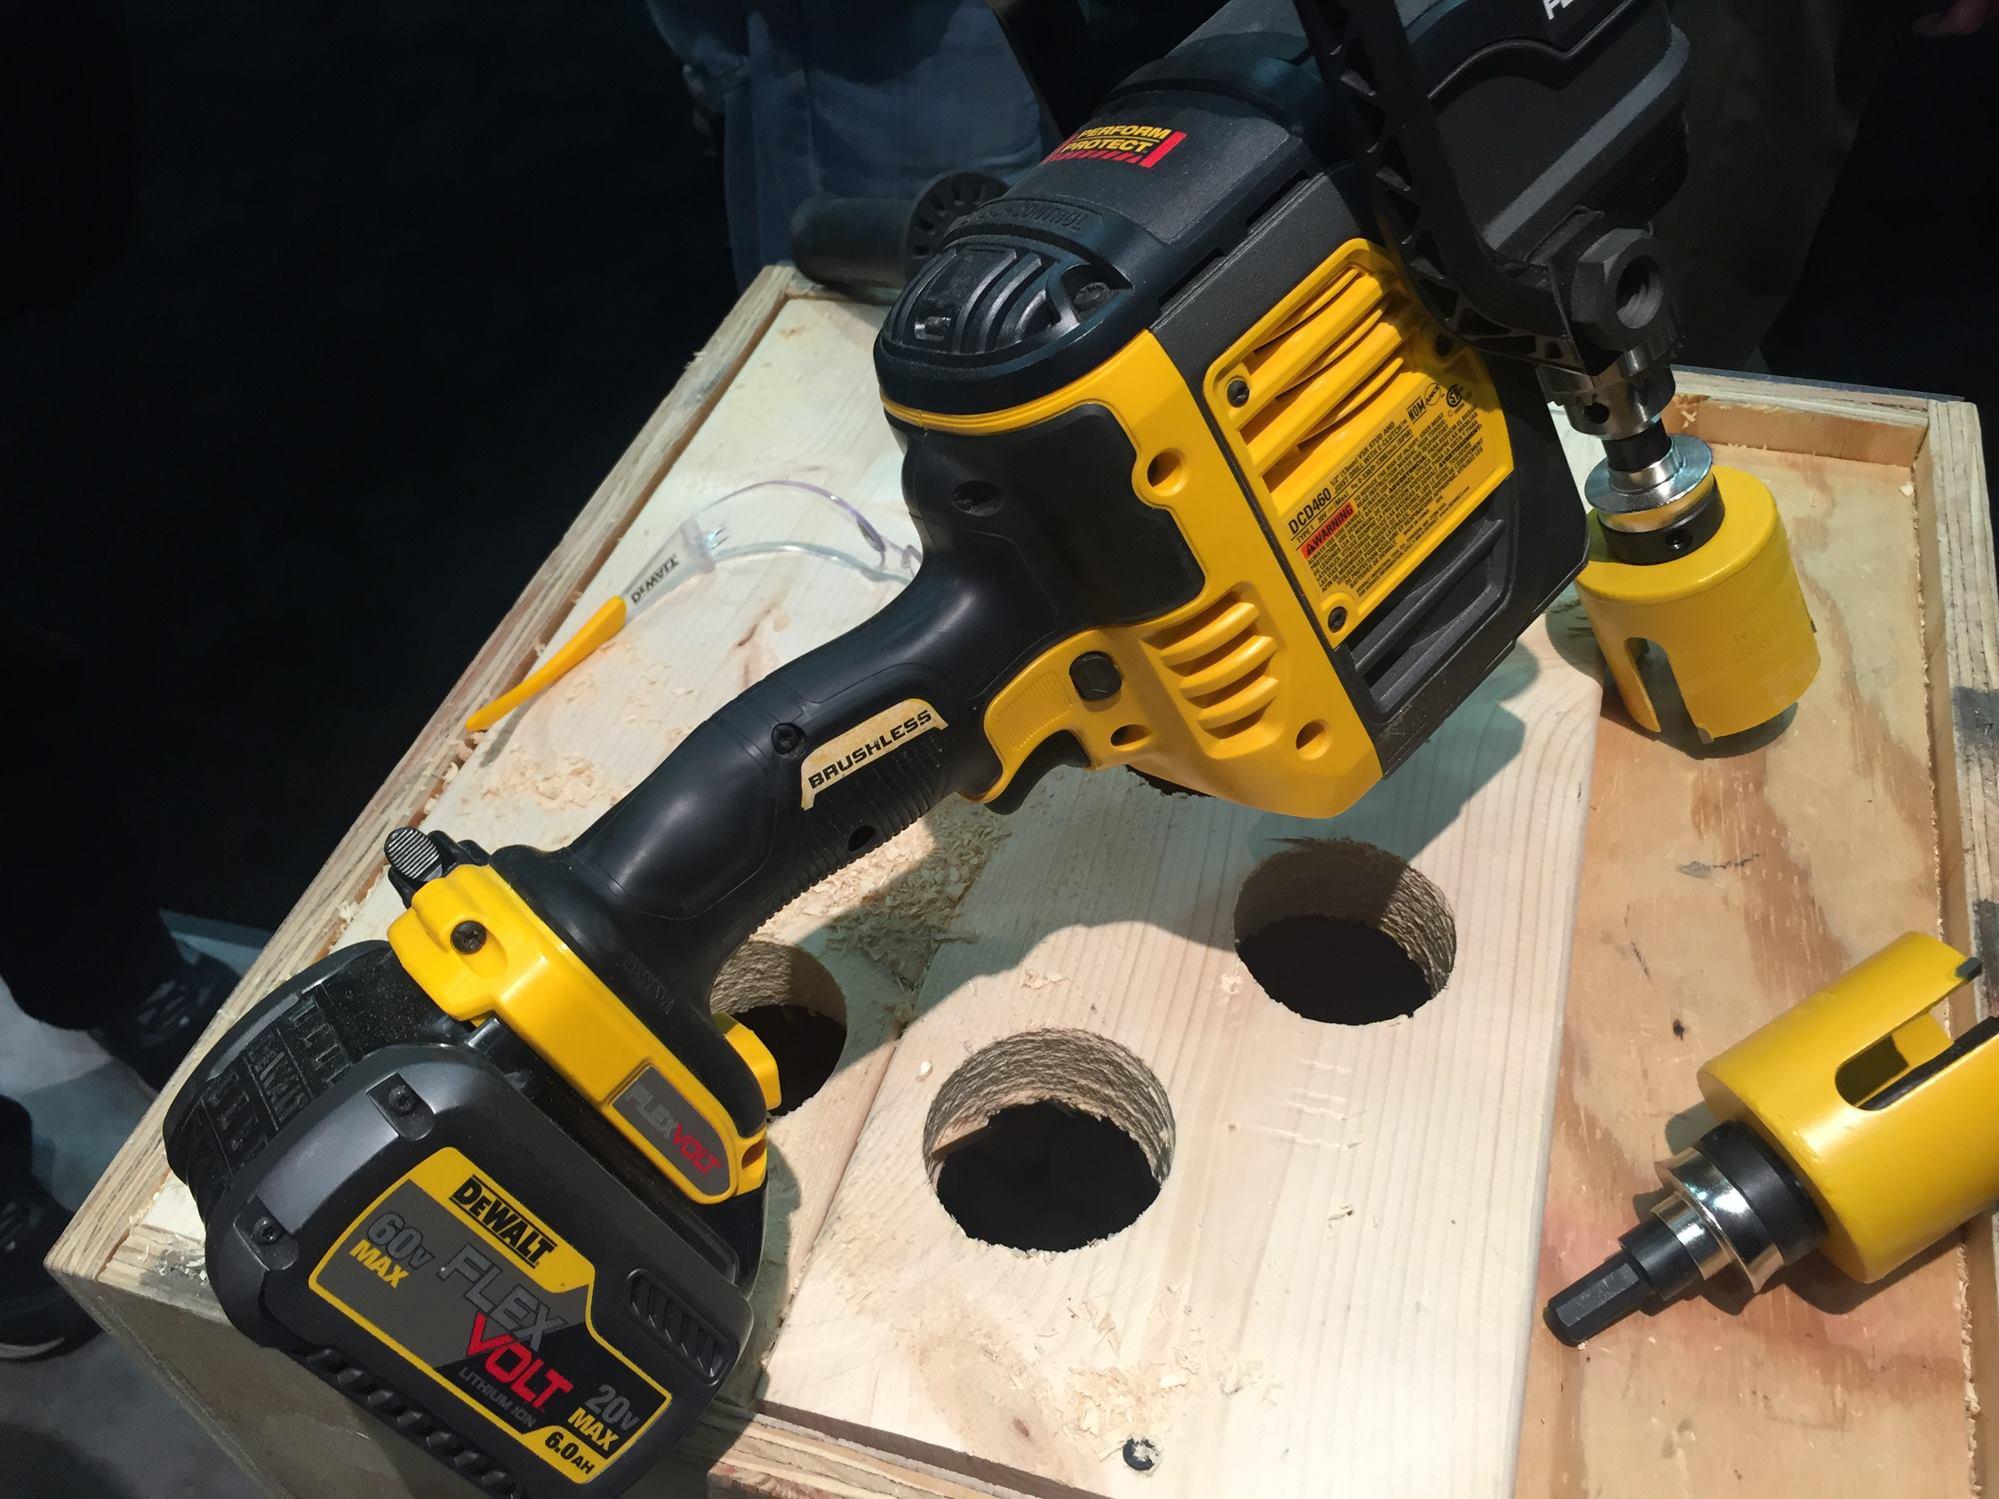 21 New Tools From Dewalt Jlc Online